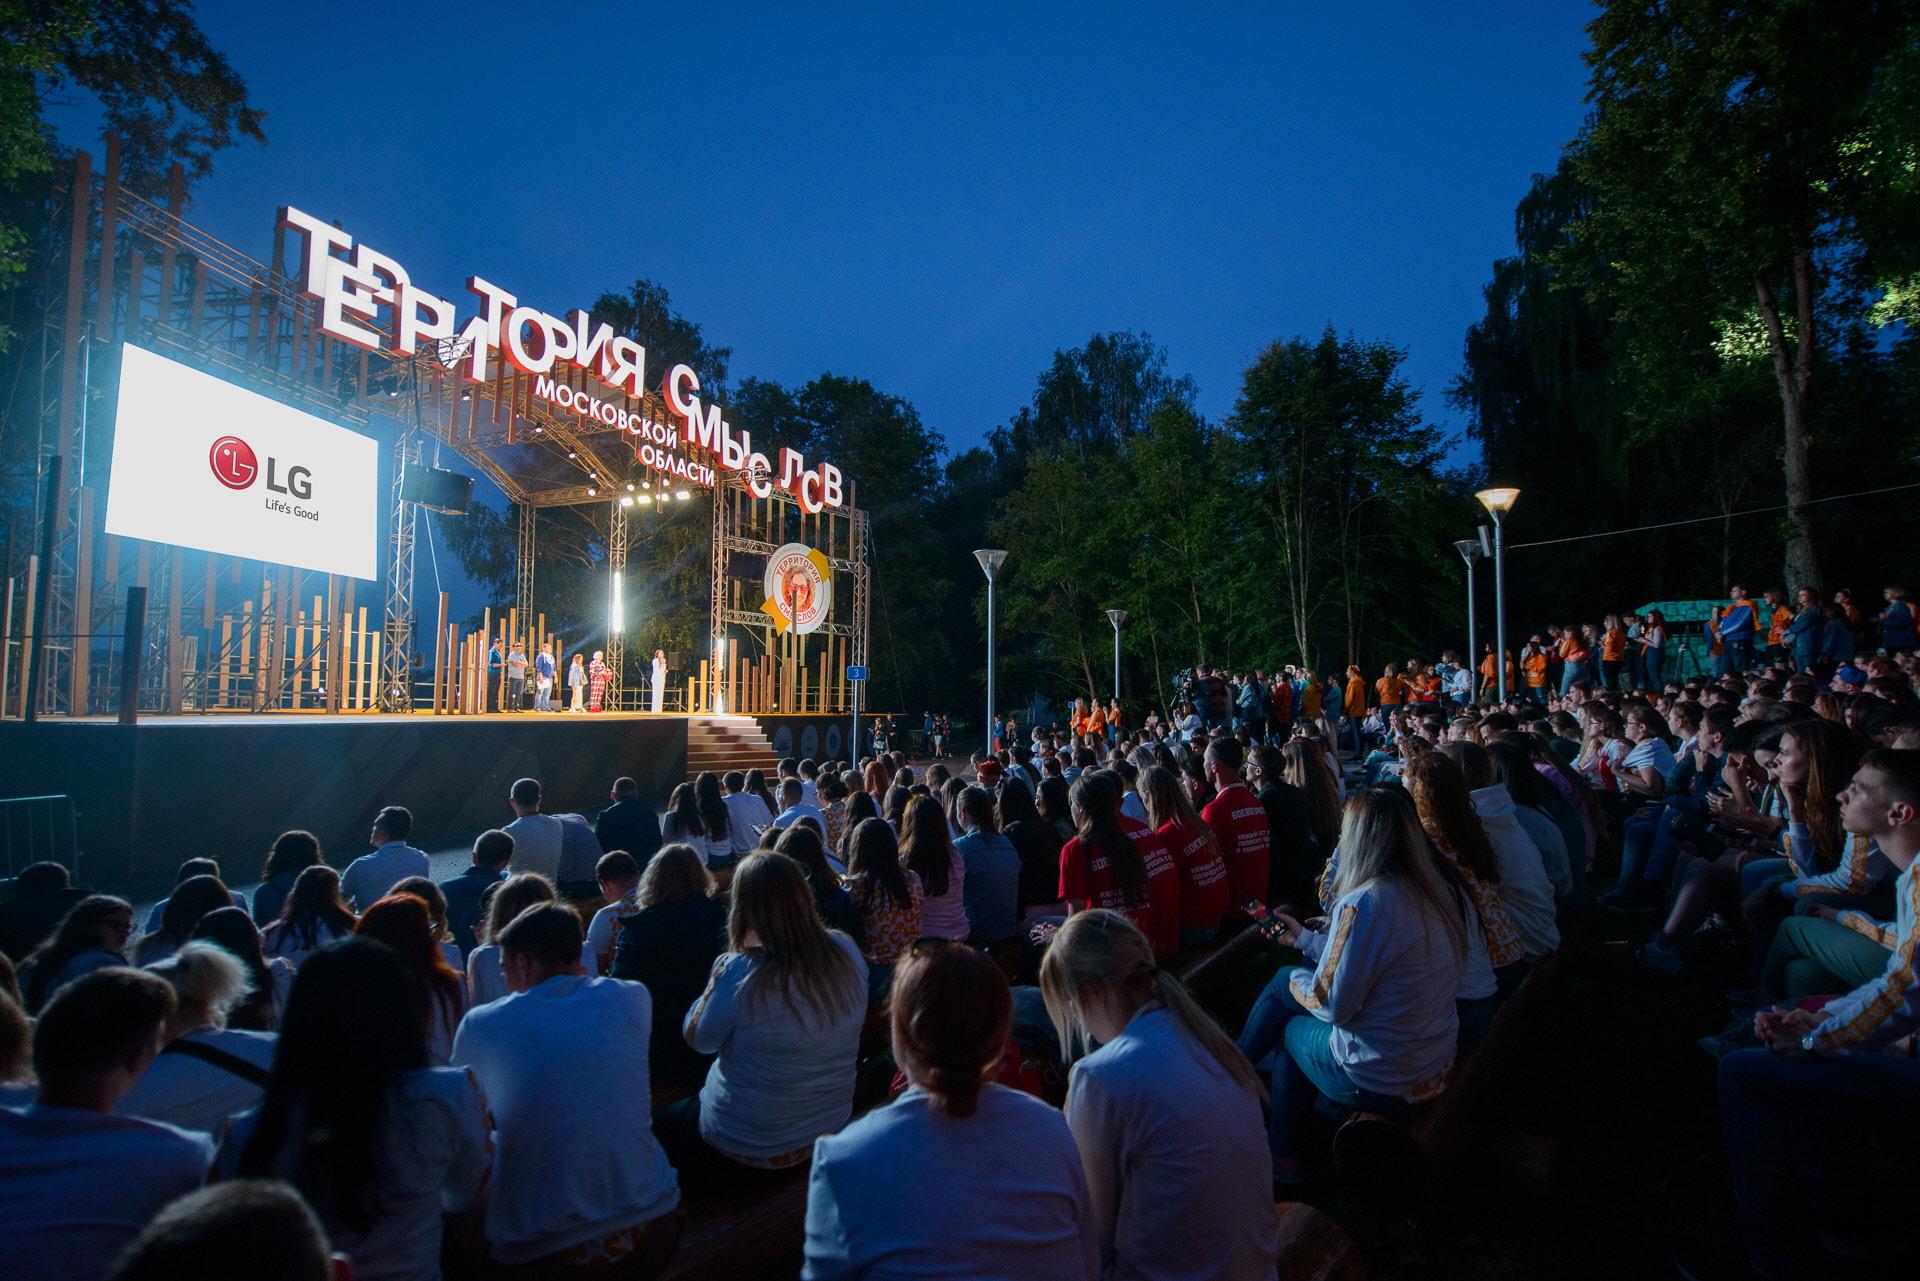 러시아 최대 청년포럼 '테라 샤인치아(Terra Scientia) 2019' 참가